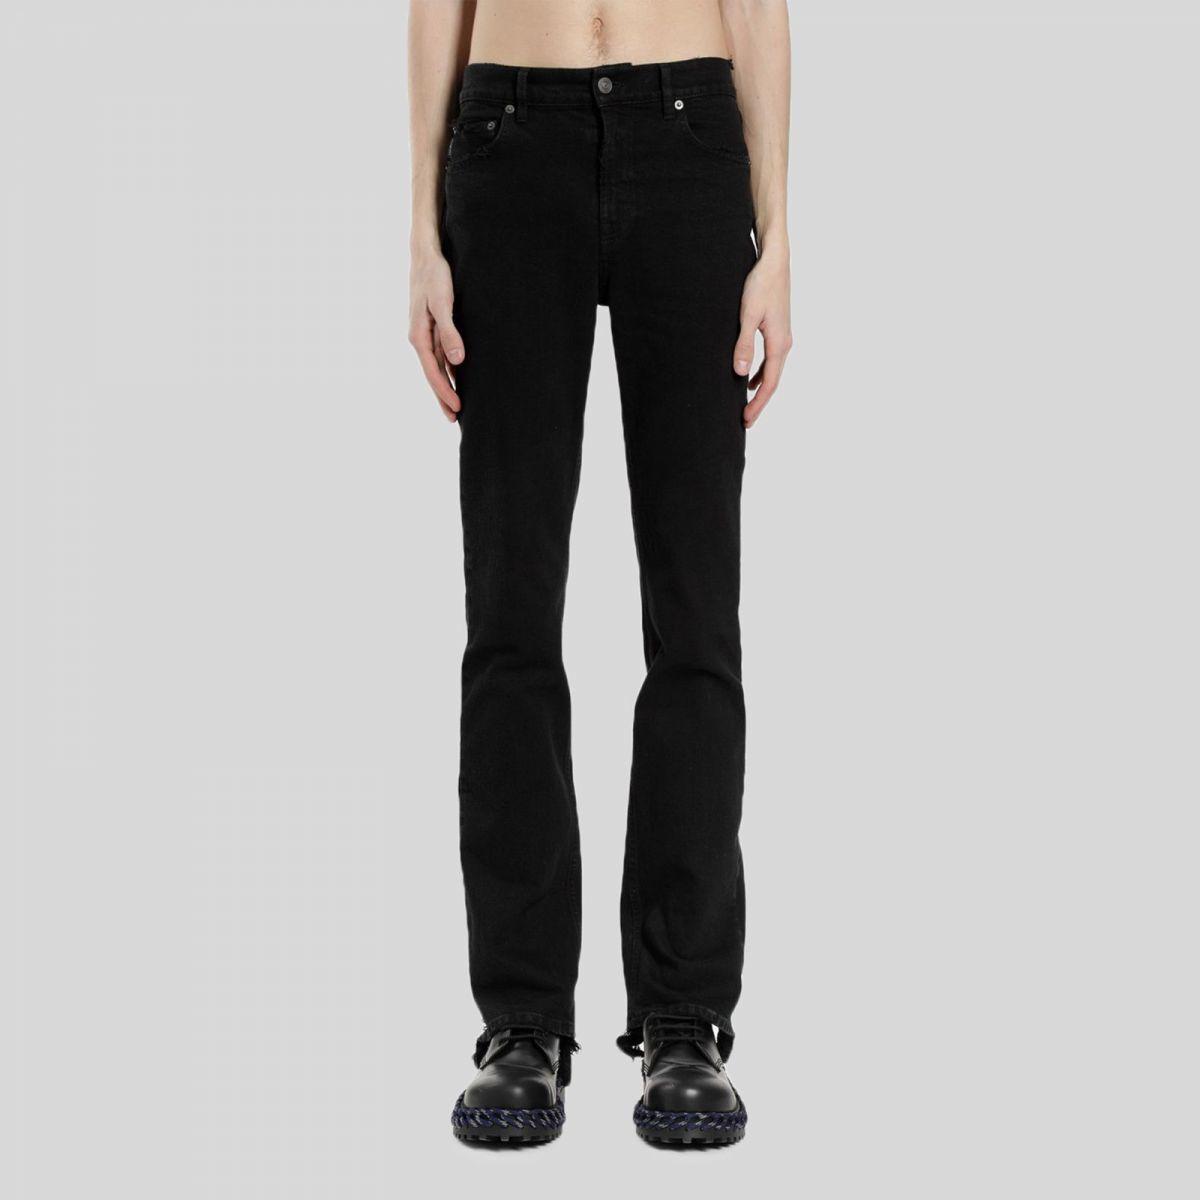 Balenciaga バレンシアガ ブラック ディストレスト スキニージーンズ Black Distressed Skinny Jeans